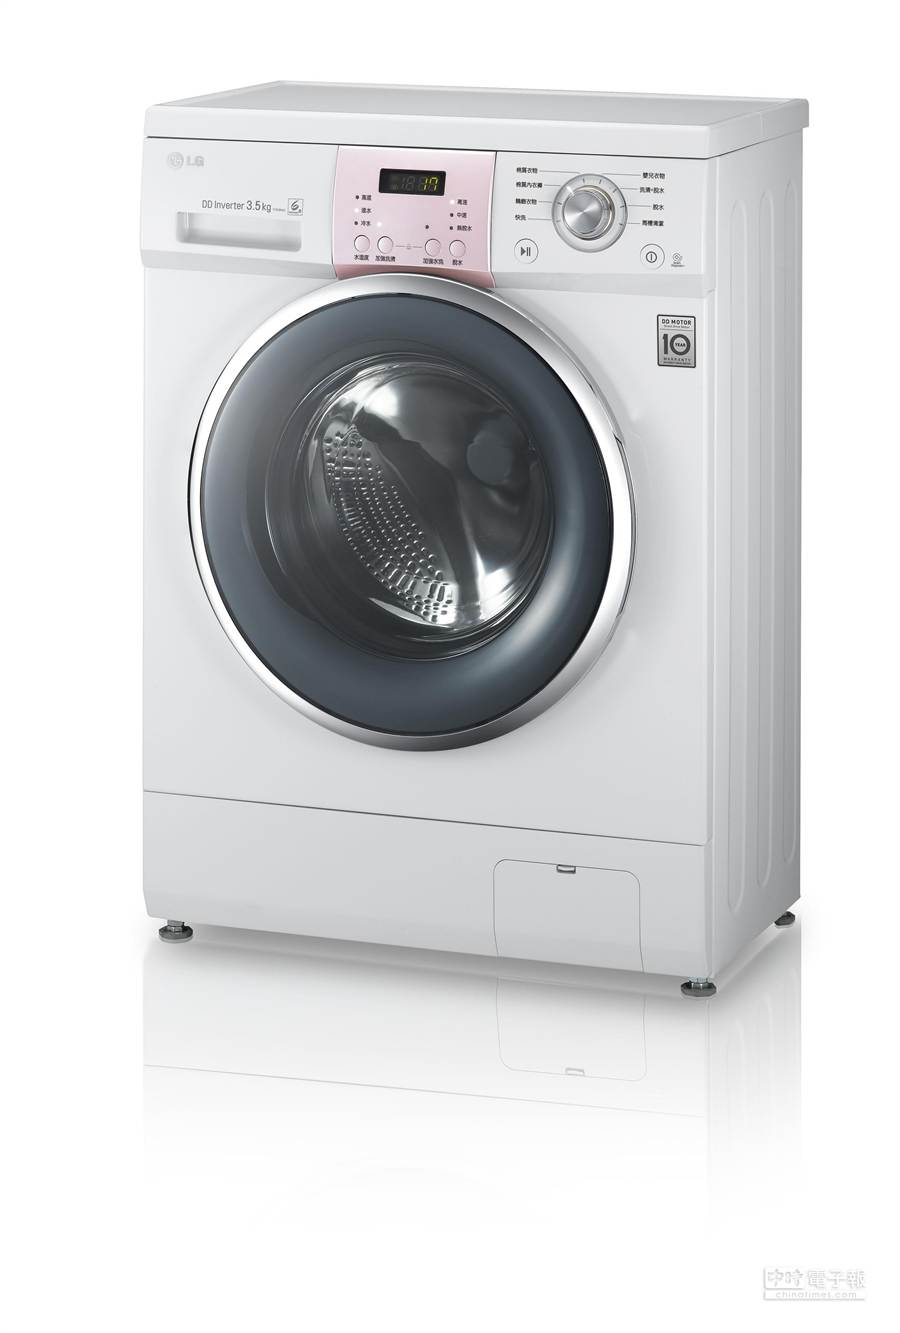 LG推出3.5公斤超輕容量的迷你小滾筒洗衣機。(圖由業者提供)